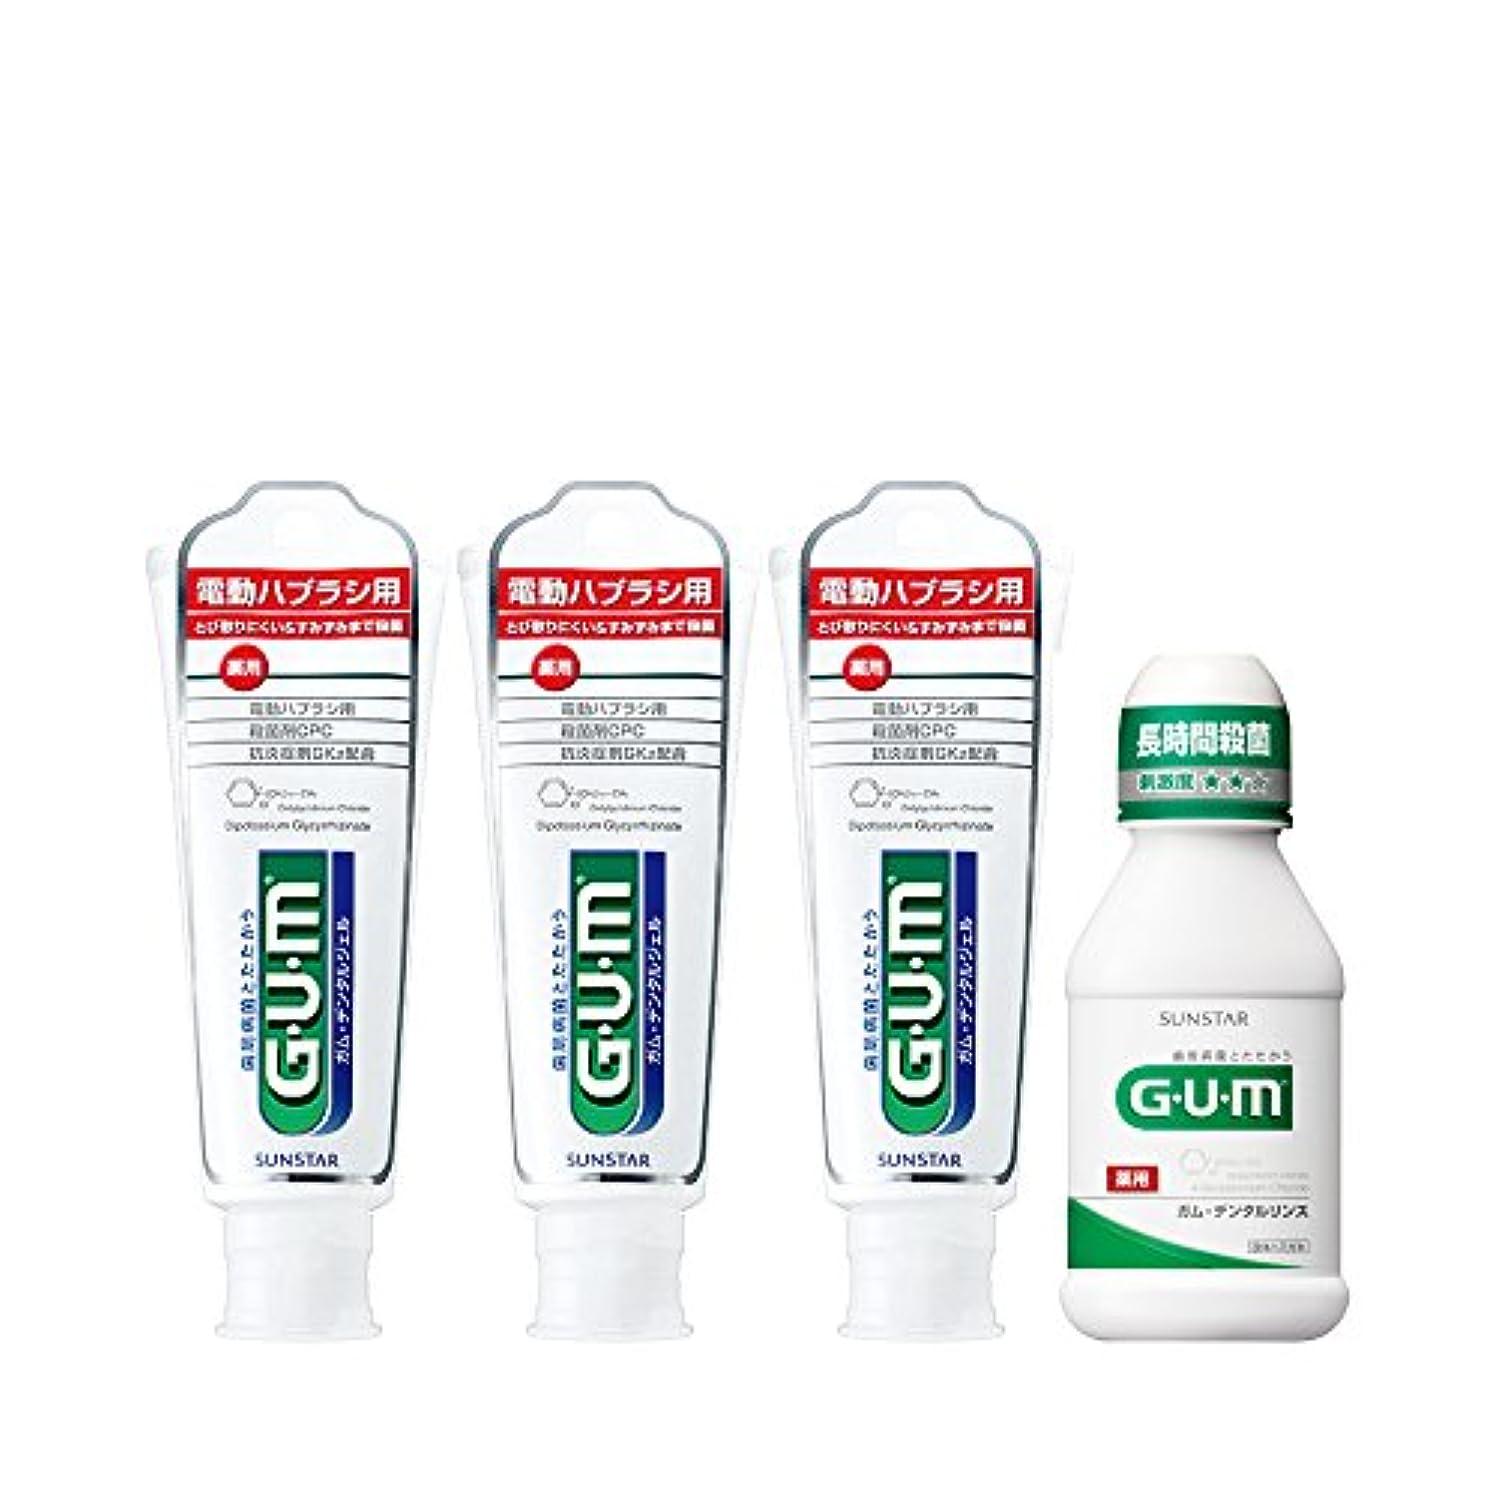 [医薬部外品] GUM(ガム) 電動ハブラシ用 デンタルジェル ハミガキ 65g <歯周病予防> 3個パック+おまけつき